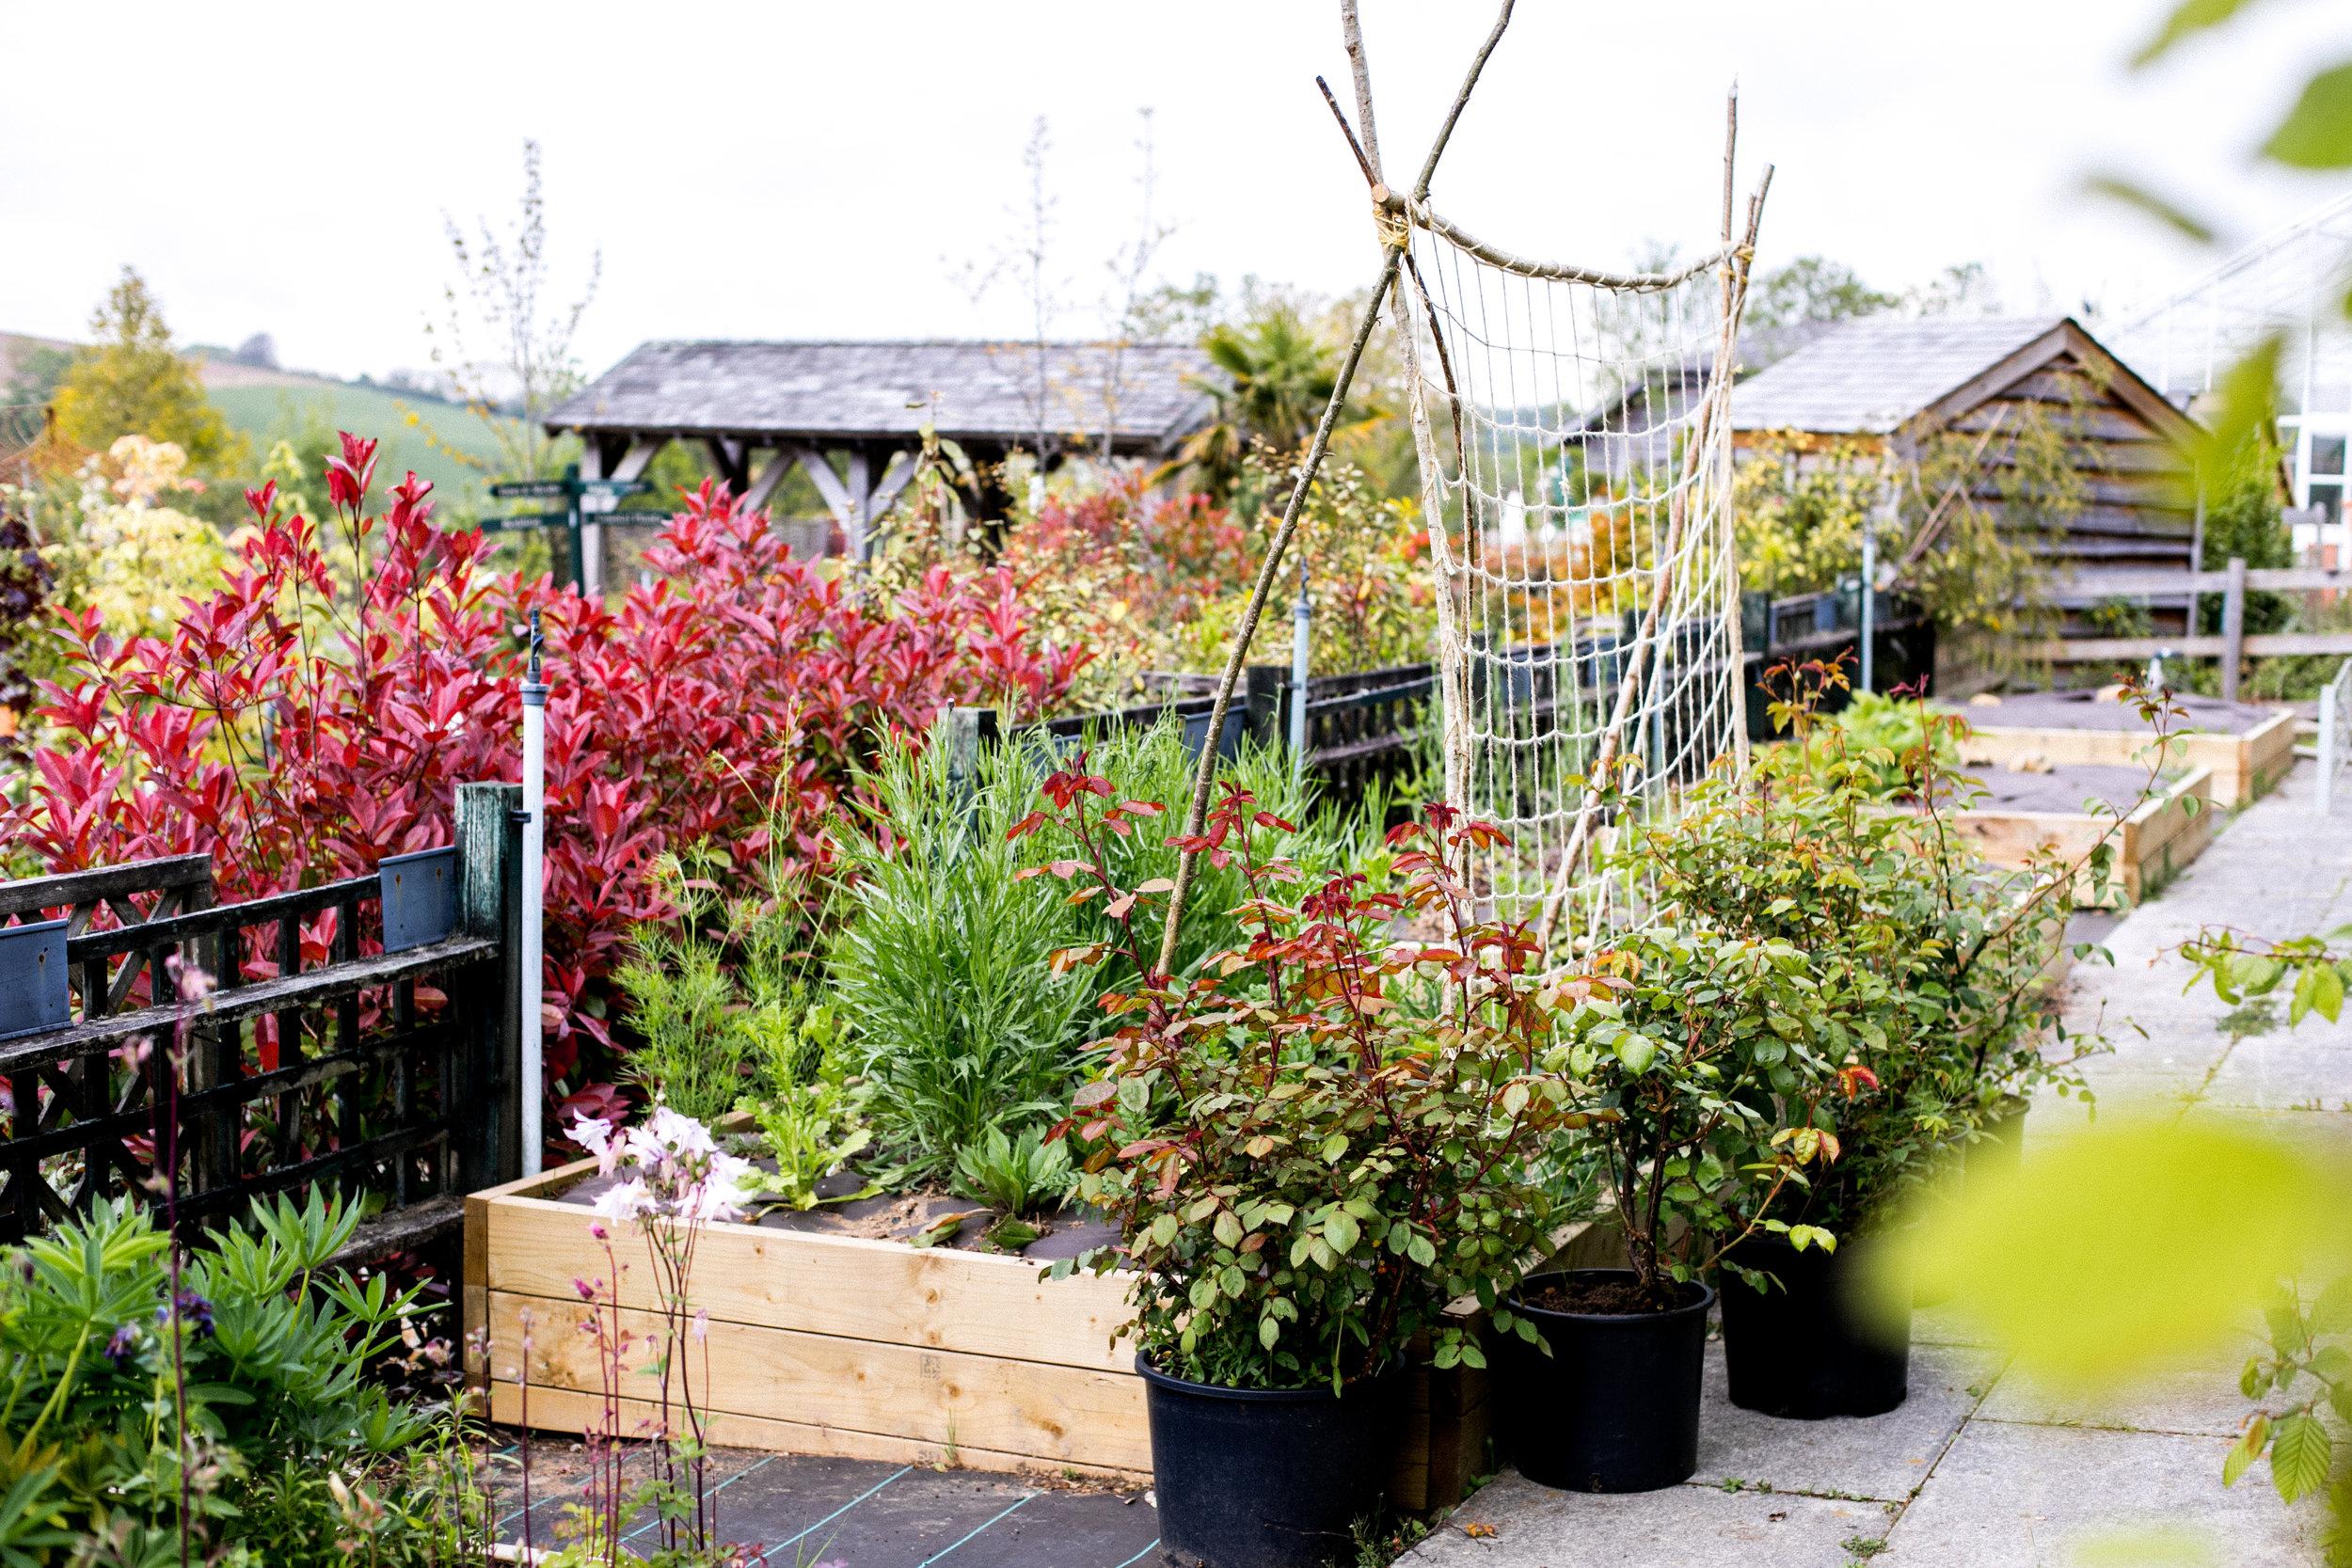 Growing wedding flowers at Duchy of Cornwall Nursery 'Now'